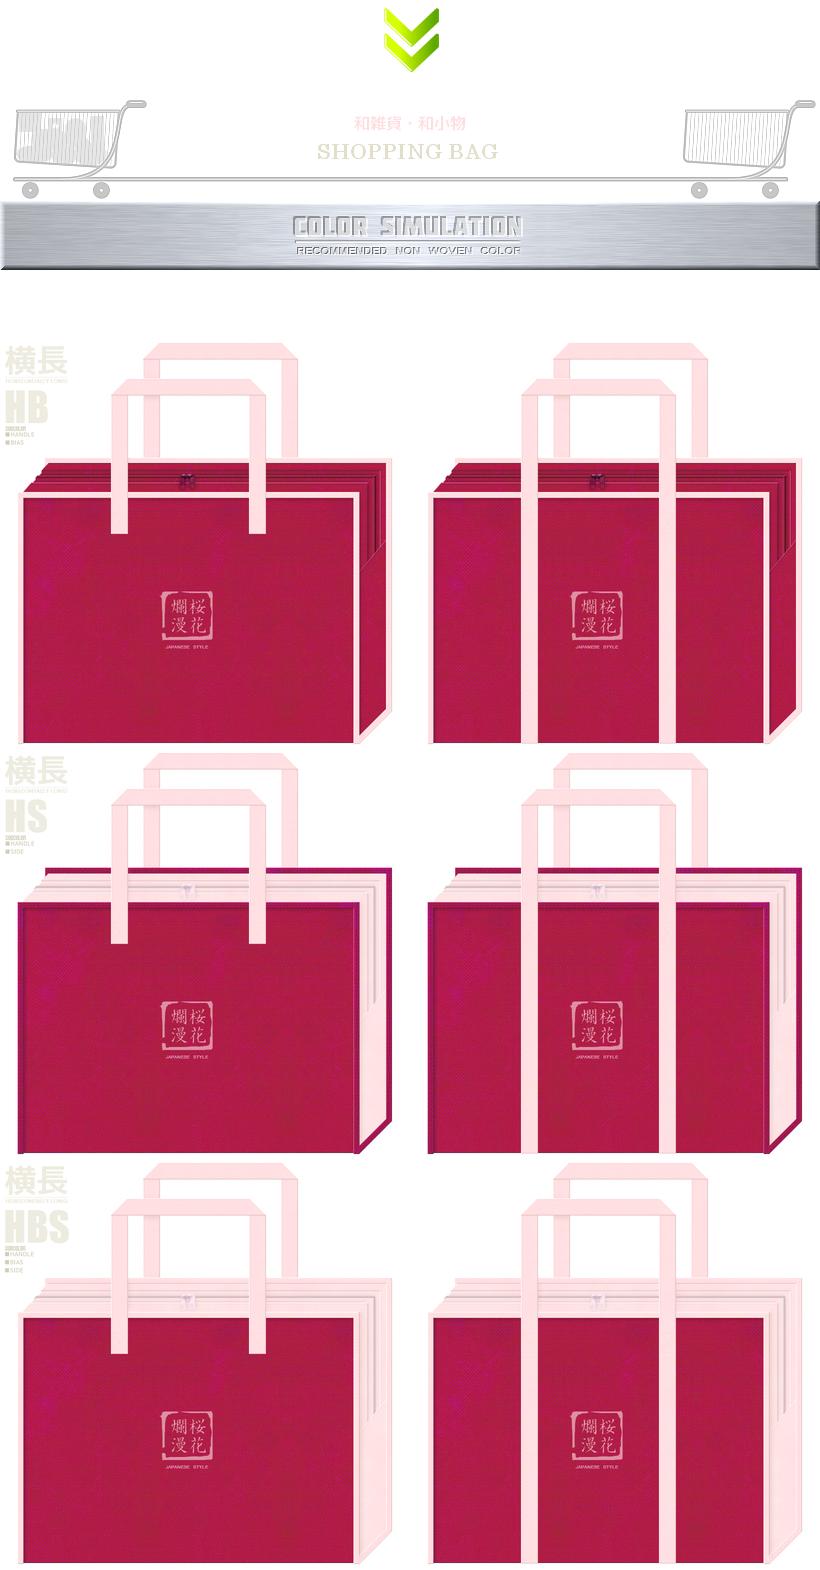 濃いピンク色と桜色の不織布バッグデザイン:和雑貨・和小物のショッピングバッグ